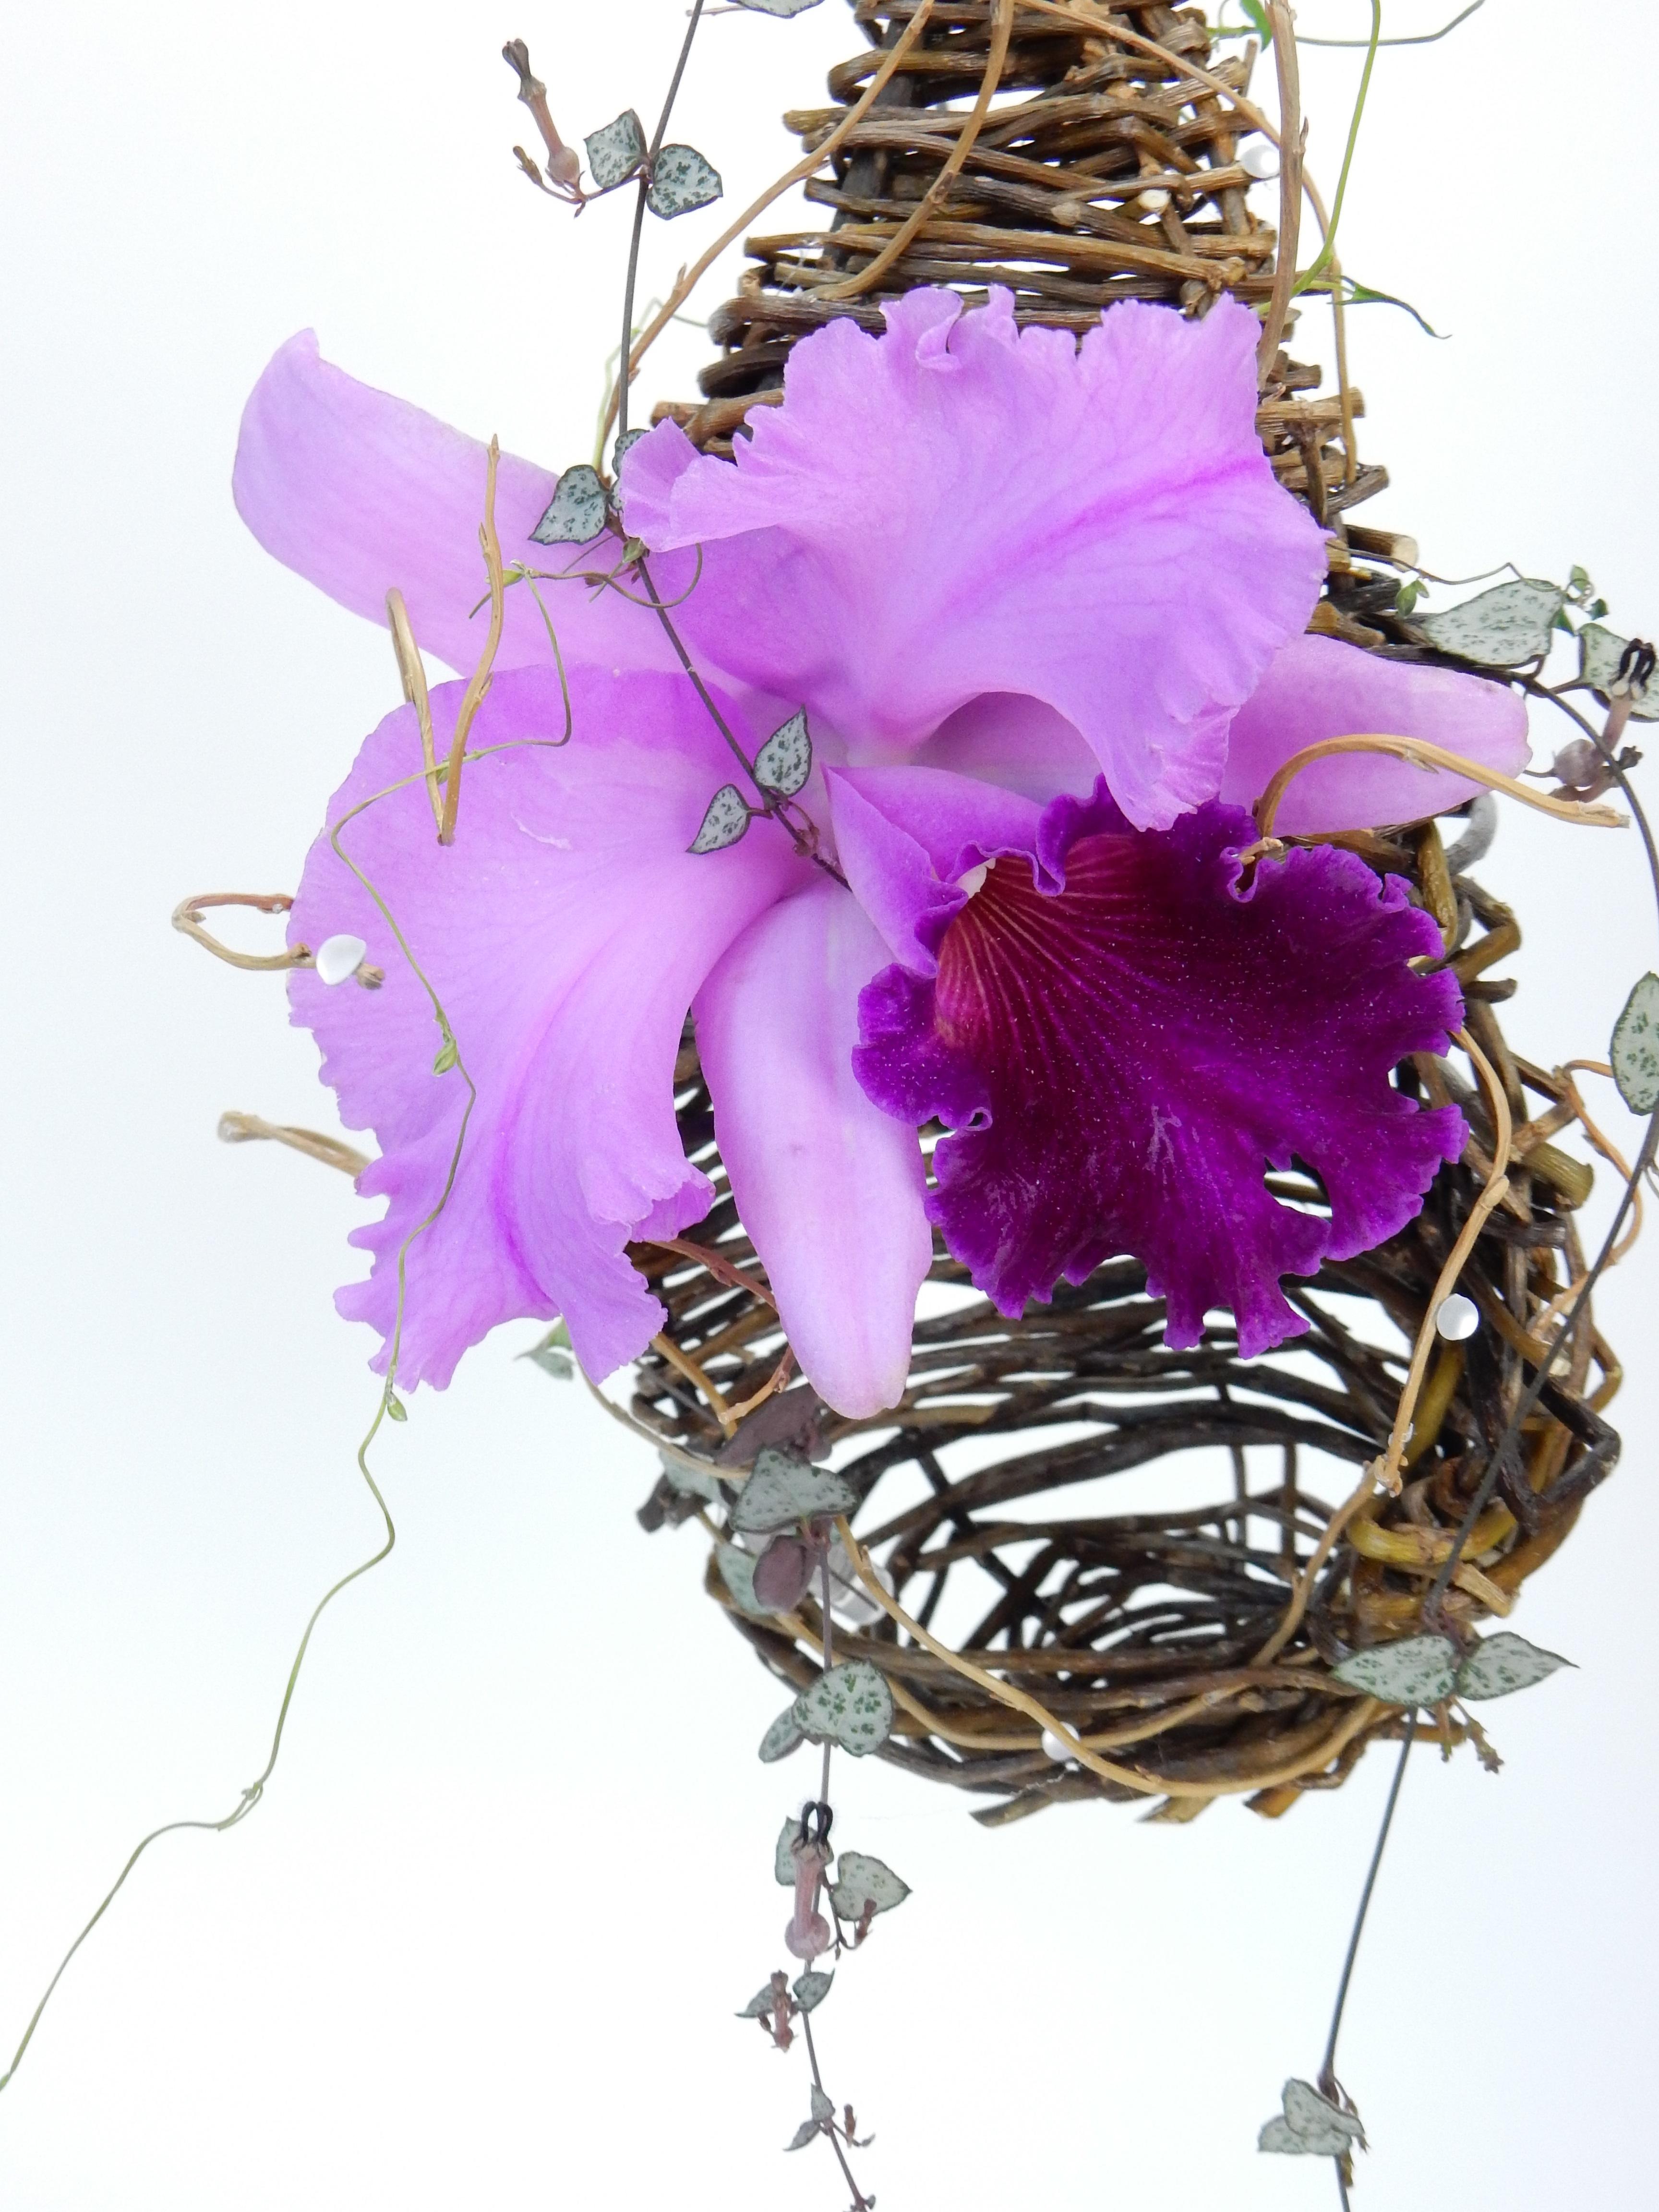 Cattleya - Cattleya orchids